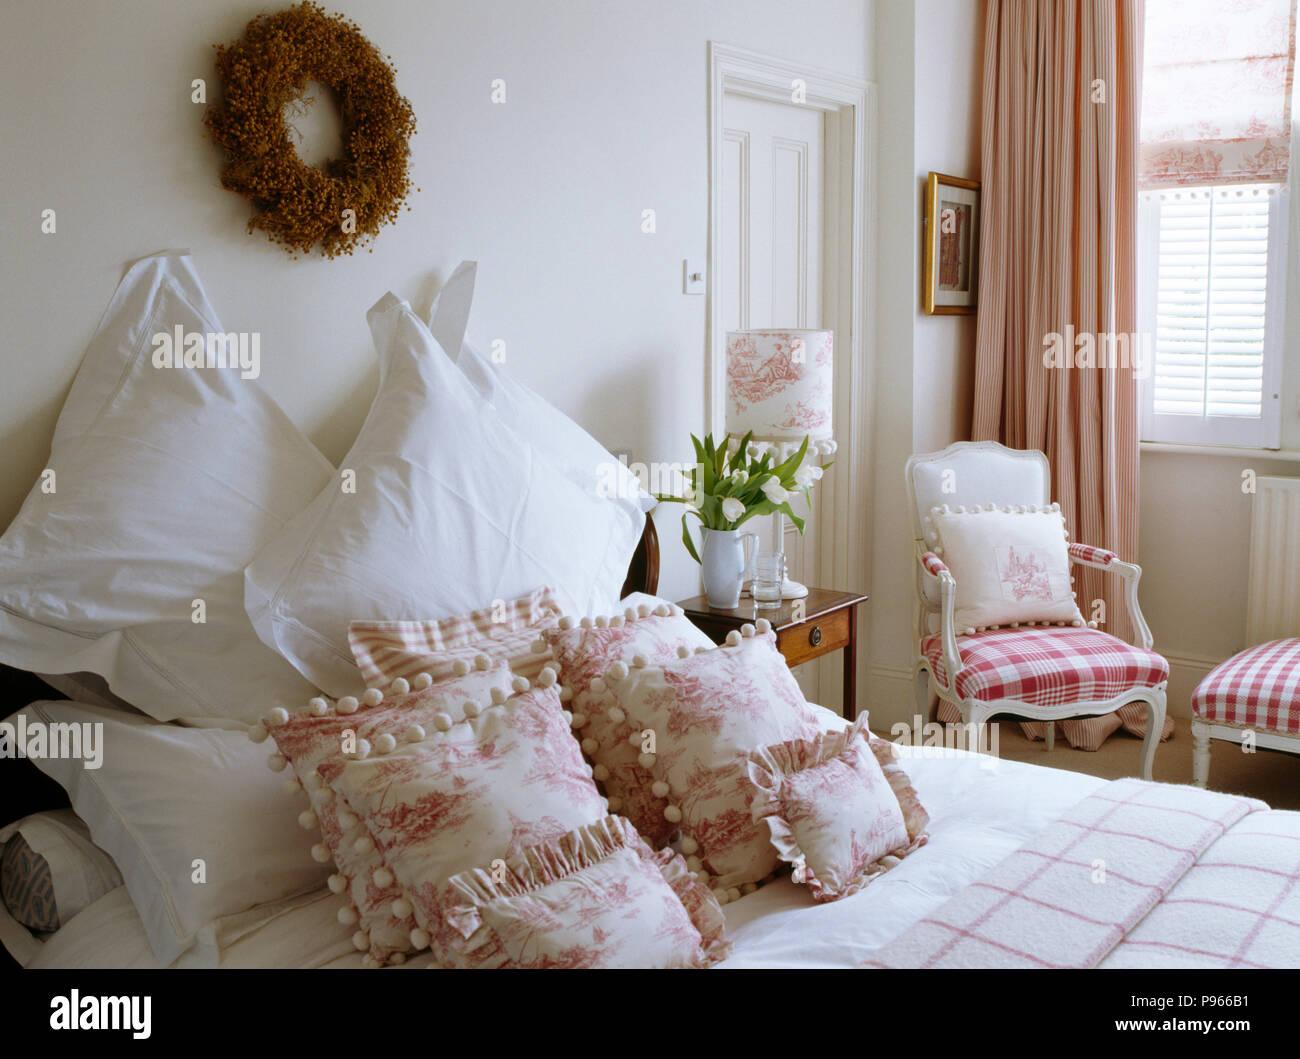 Rametto corona sopra il letto con cuscini bianchi e rosa bianca